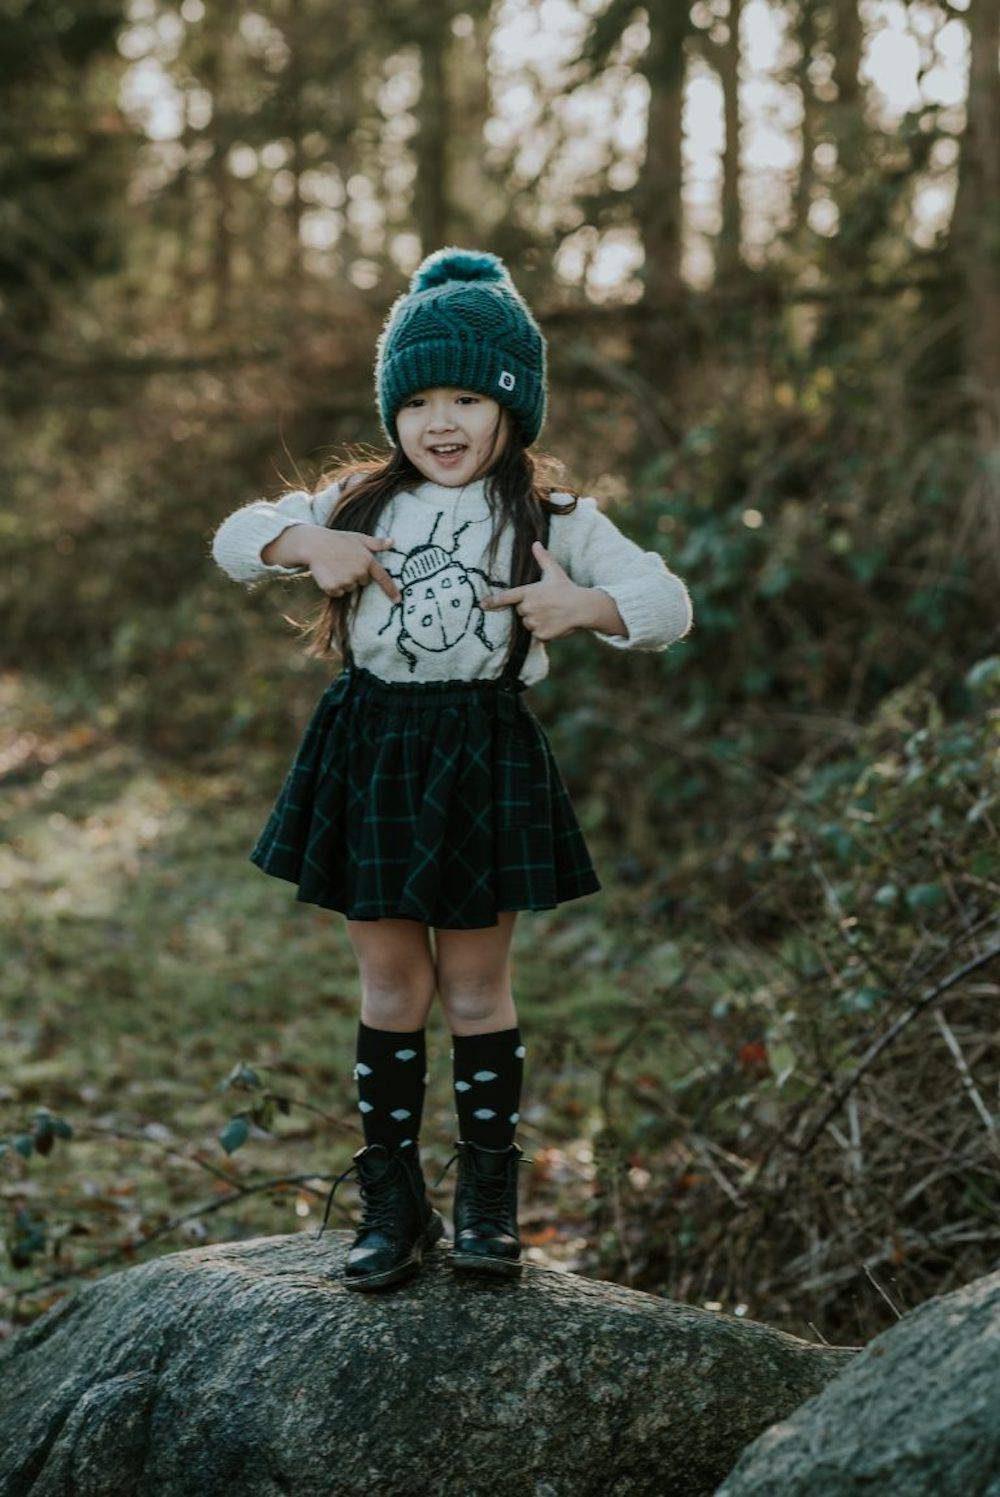 fihfotografie_SproetSprout_Winter2018_Dewildernis-115-768x1150